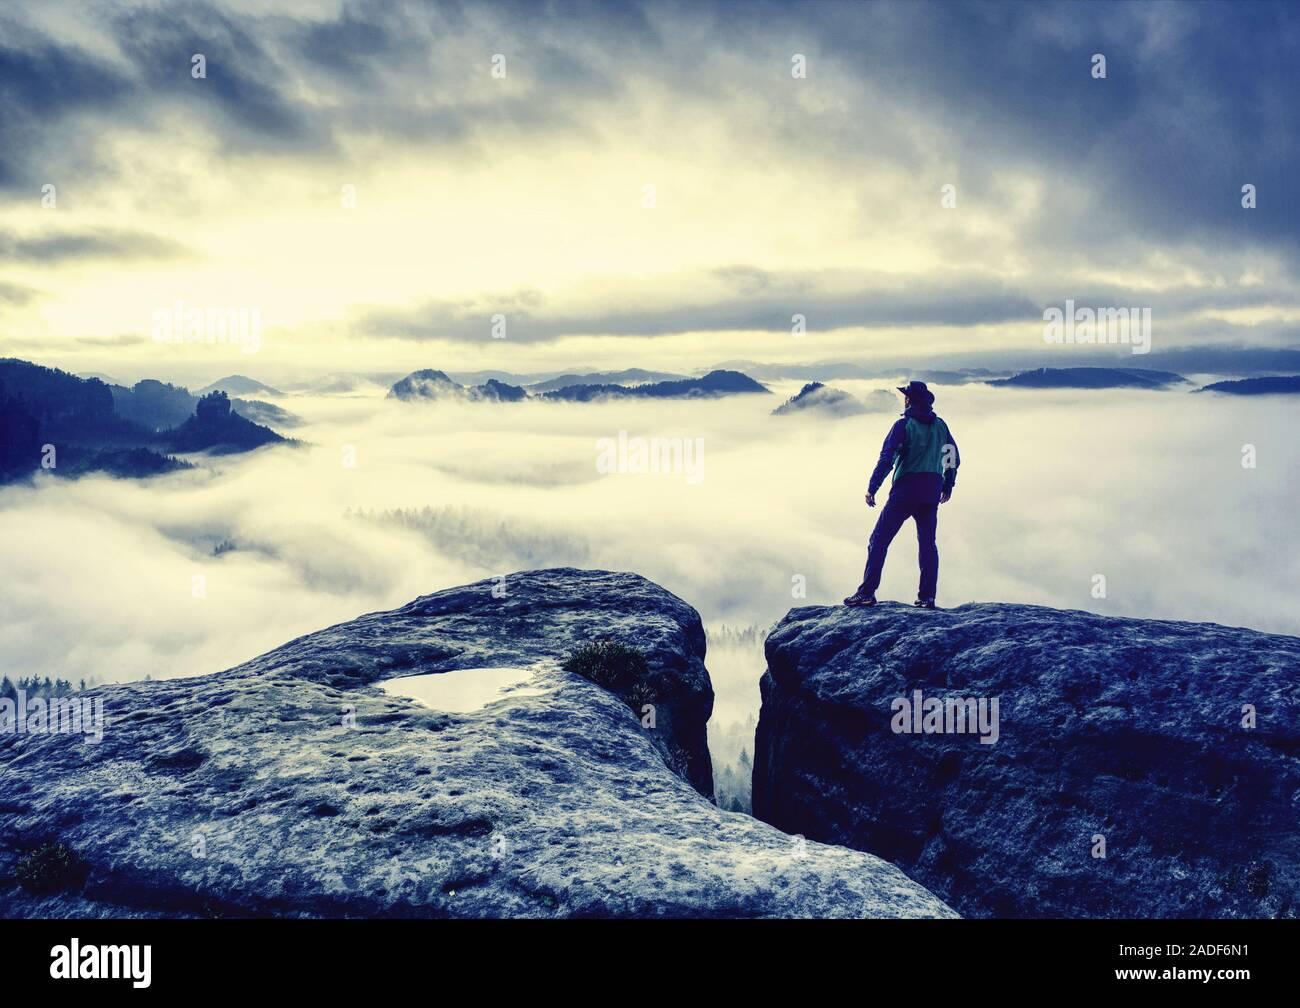 Heureux et magnifique homme actif dans le trekking dans les montagnes de l'automne. Le concept de loisirs actifs et le tourisme dans les montagnes. Banque D'Images